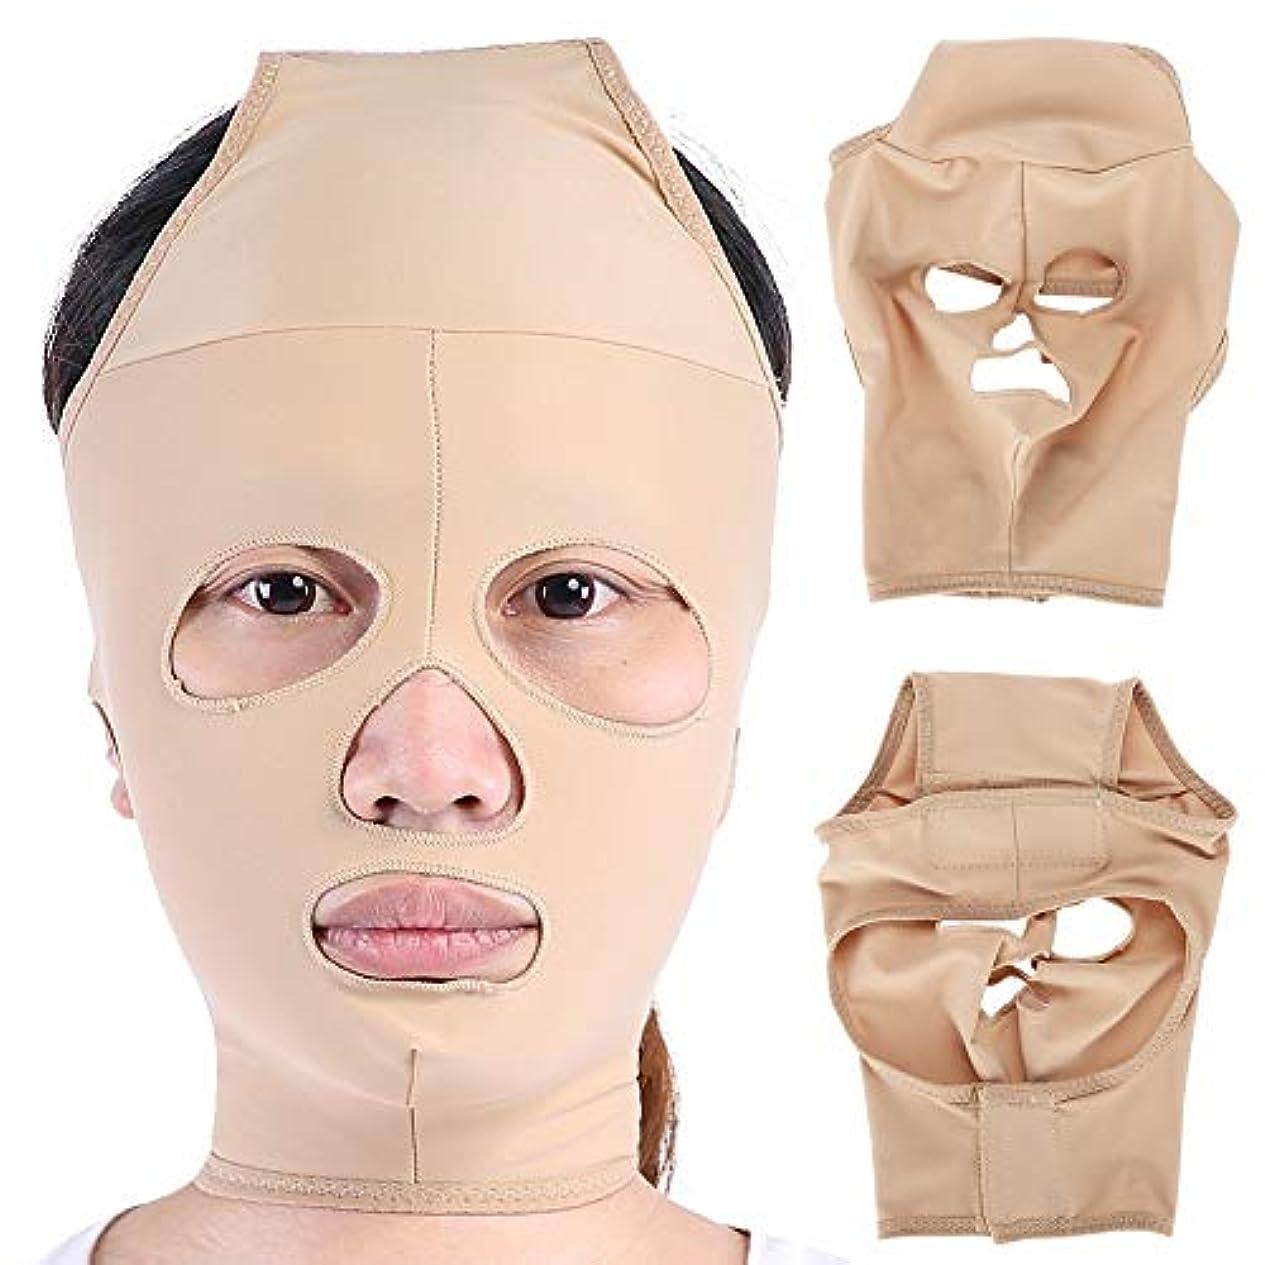 肺反対に十代小顔 矯正 美顔 顔痩せ グッズ フェイス マスク ベルト コルセット メンズ サポーター ヌード色(S)